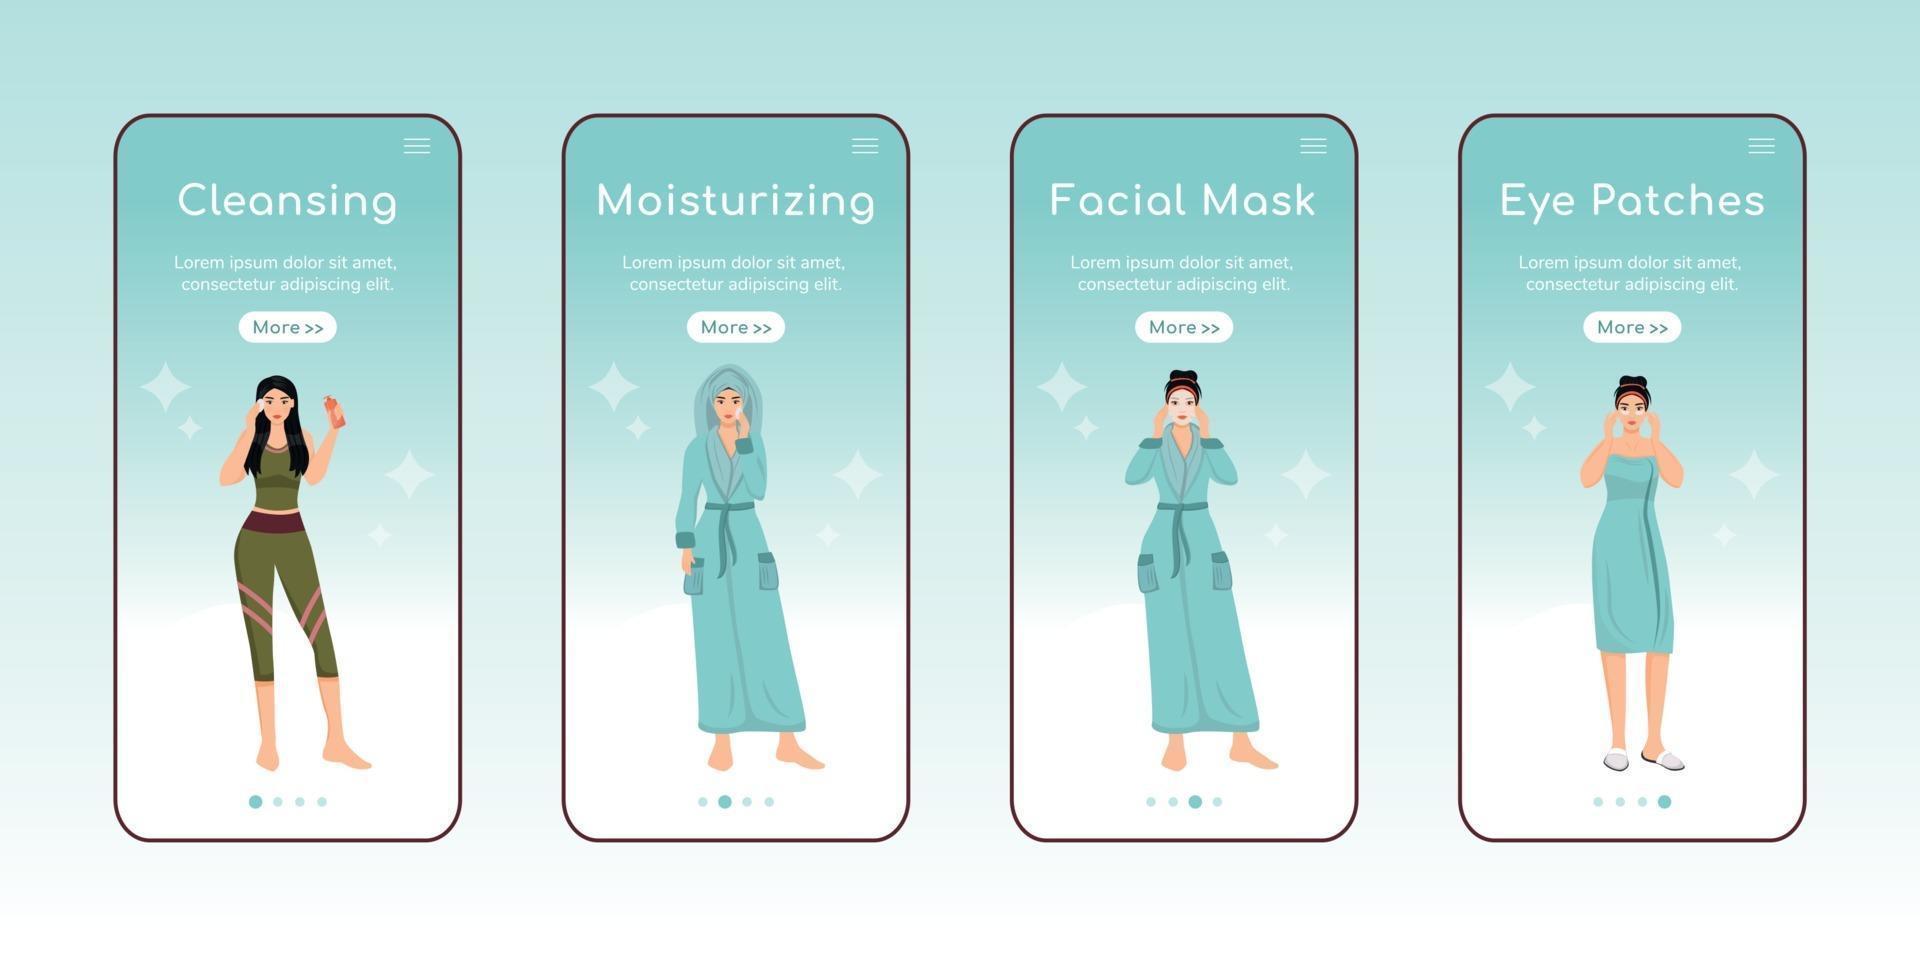 étapes de soins de la peau intégration modèle de vecteur plat écran application mobile. visage nettoyant et hydratant. étapes du site Web pas à pas avec des personnages. ux, ui, interface de dessin animé de smartphone gui, ensemble d'impressions de cas